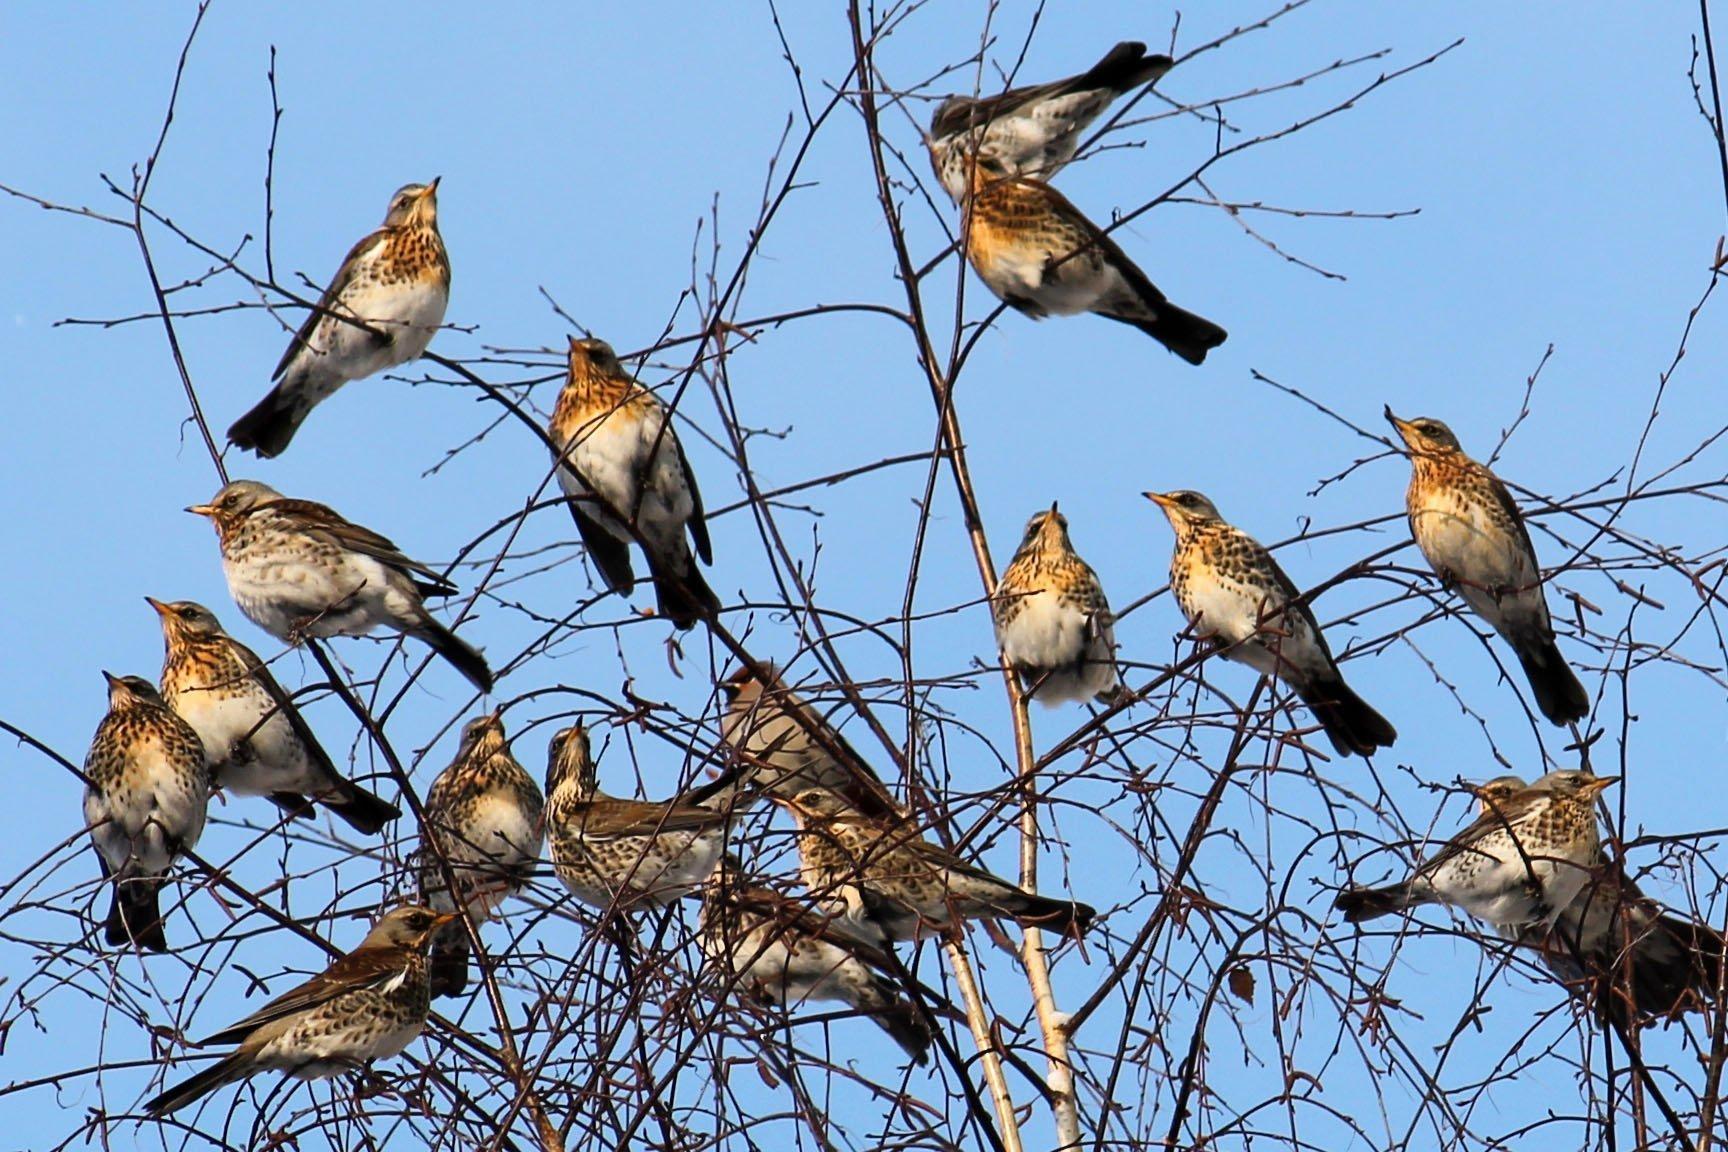 какие птицы первые прилетают на юг фото так между